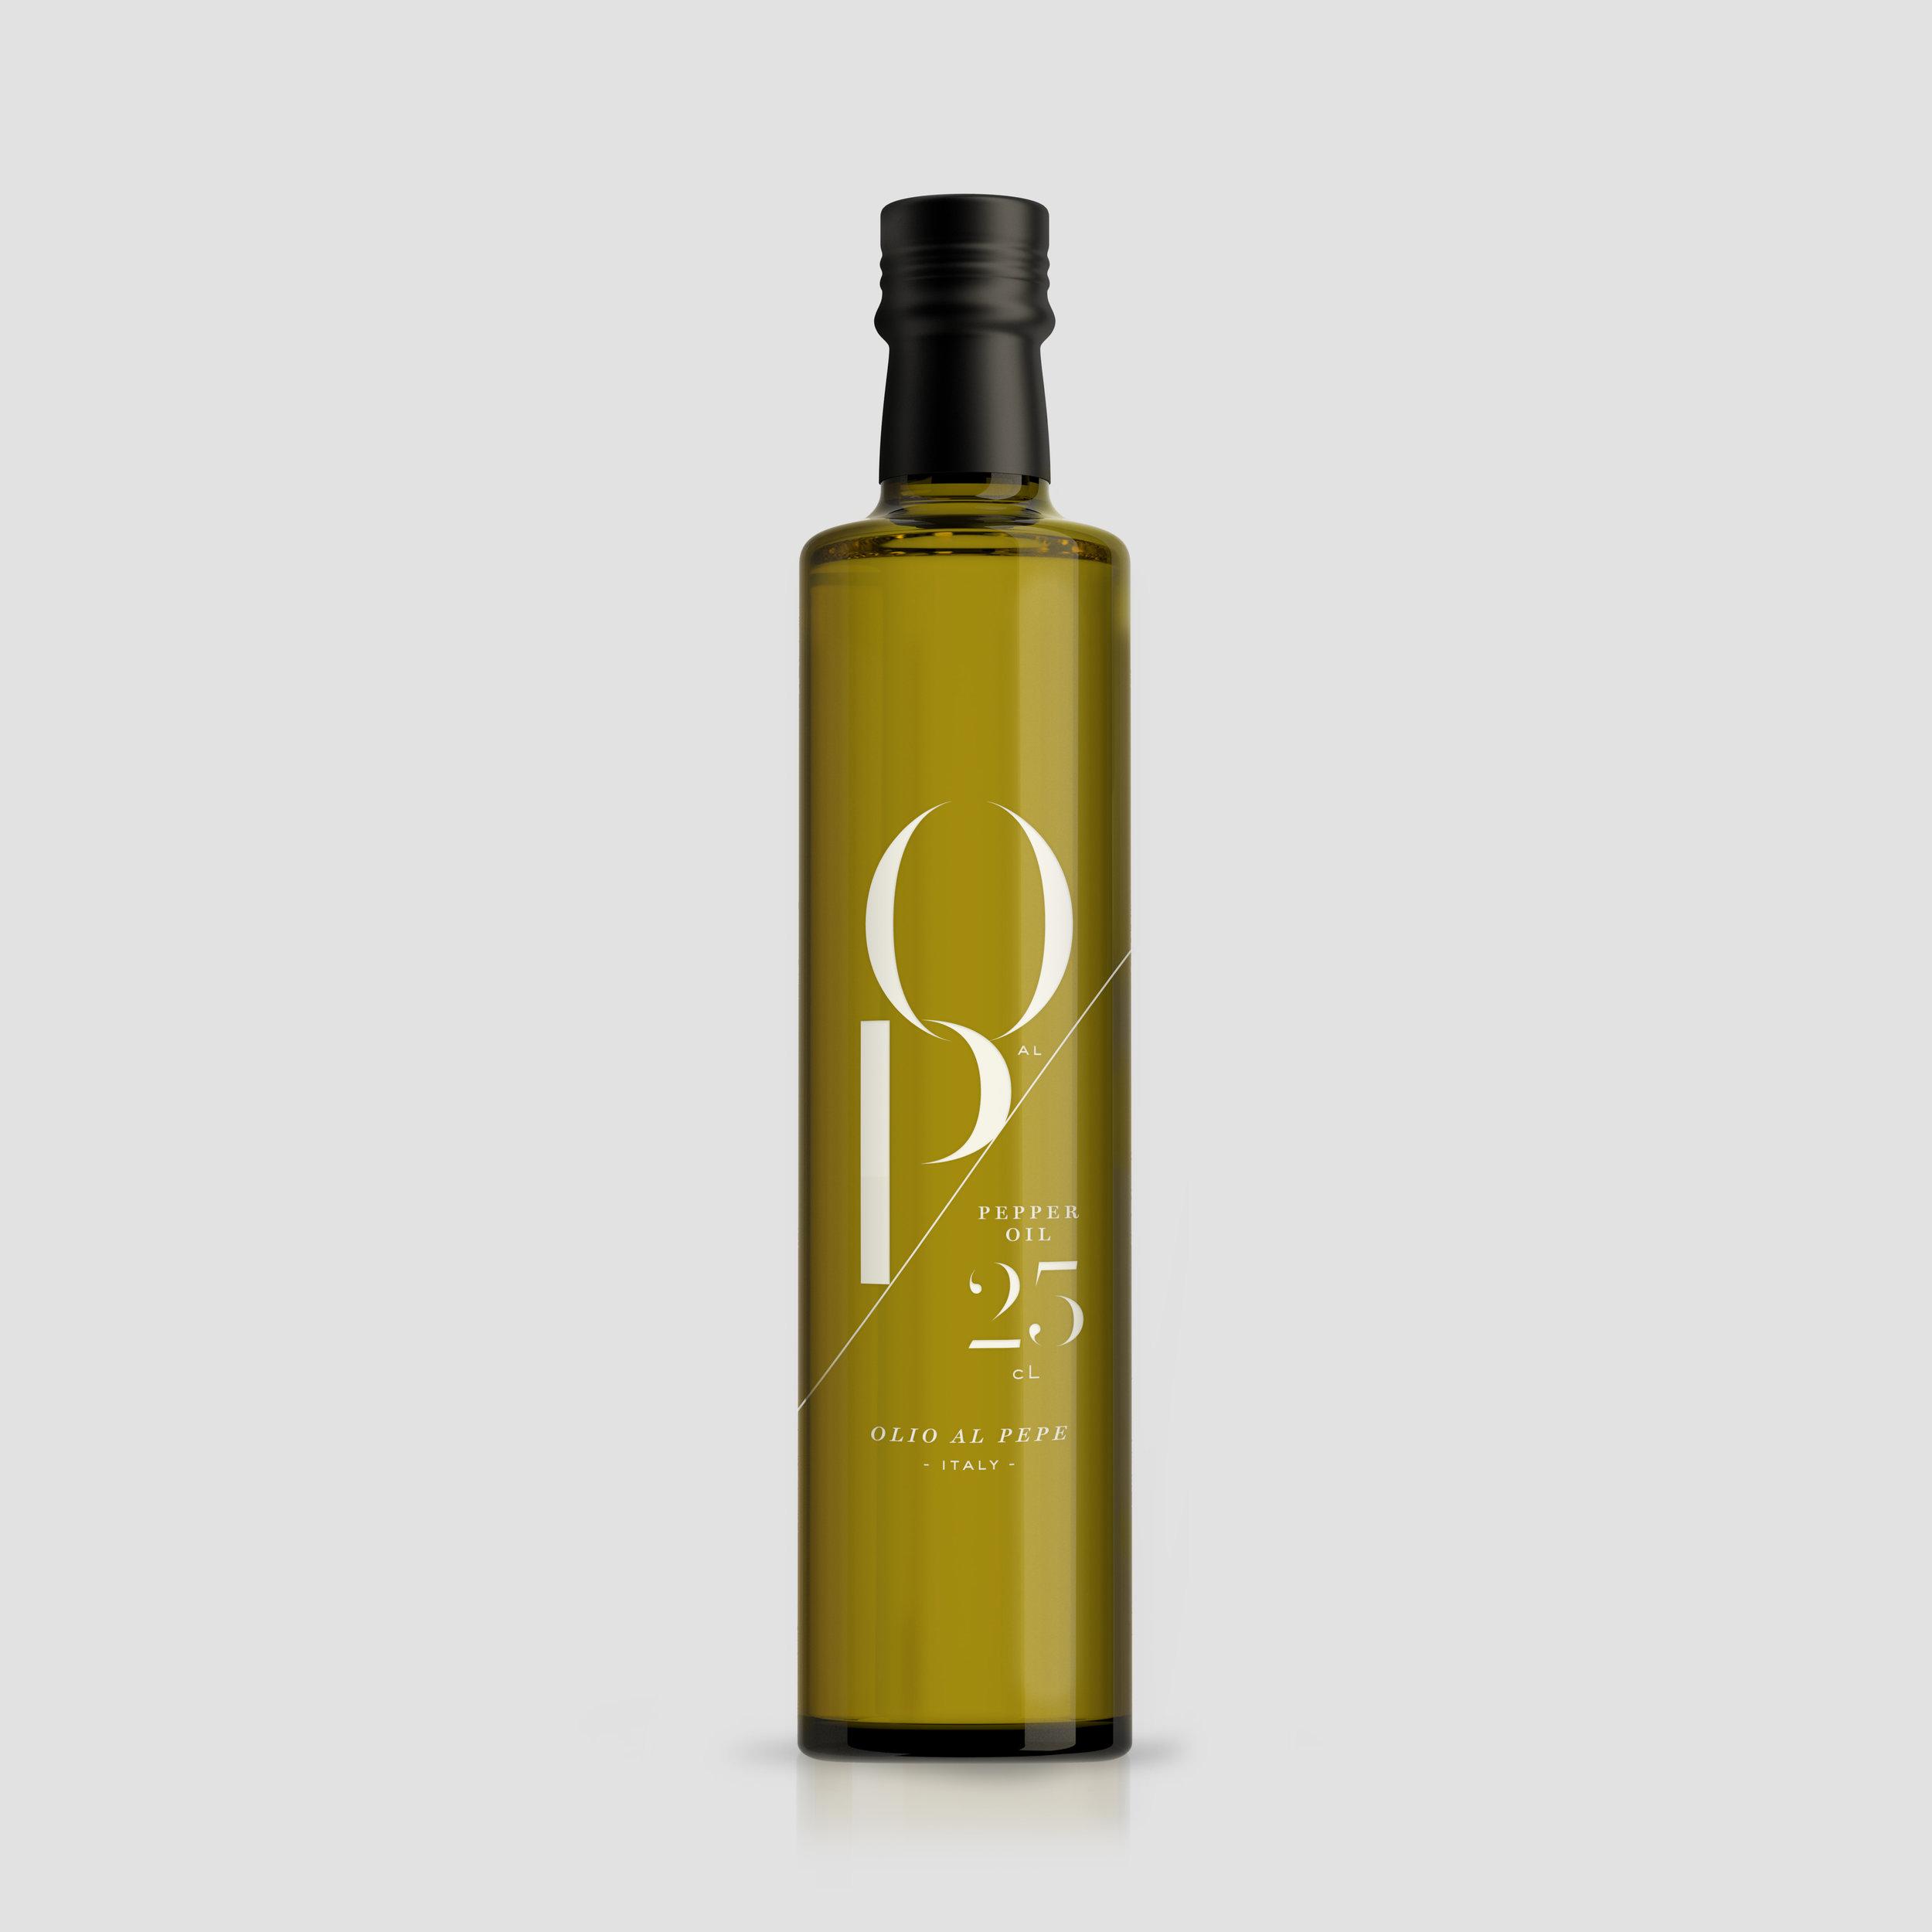 Peggy Wong Studio / pepper oil packaging design for O al P